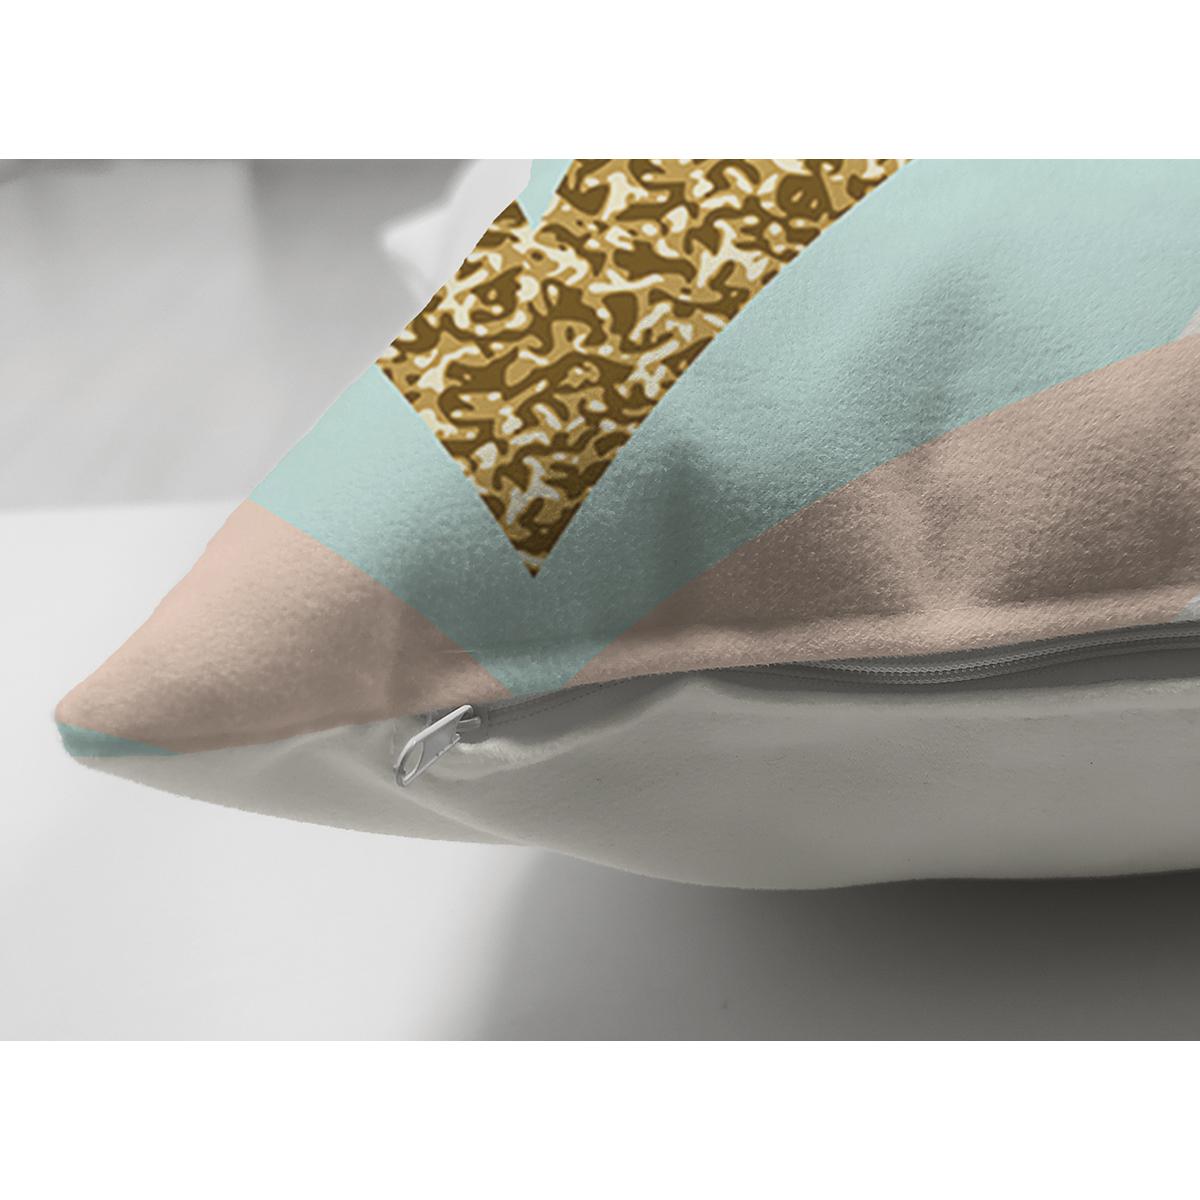 Çift Taraflı Açık Krem Zeminli Pembe Mavi Gold Yapraklar Dijital Baskılı Modern Süet Yastık Kılıfı Realhomes